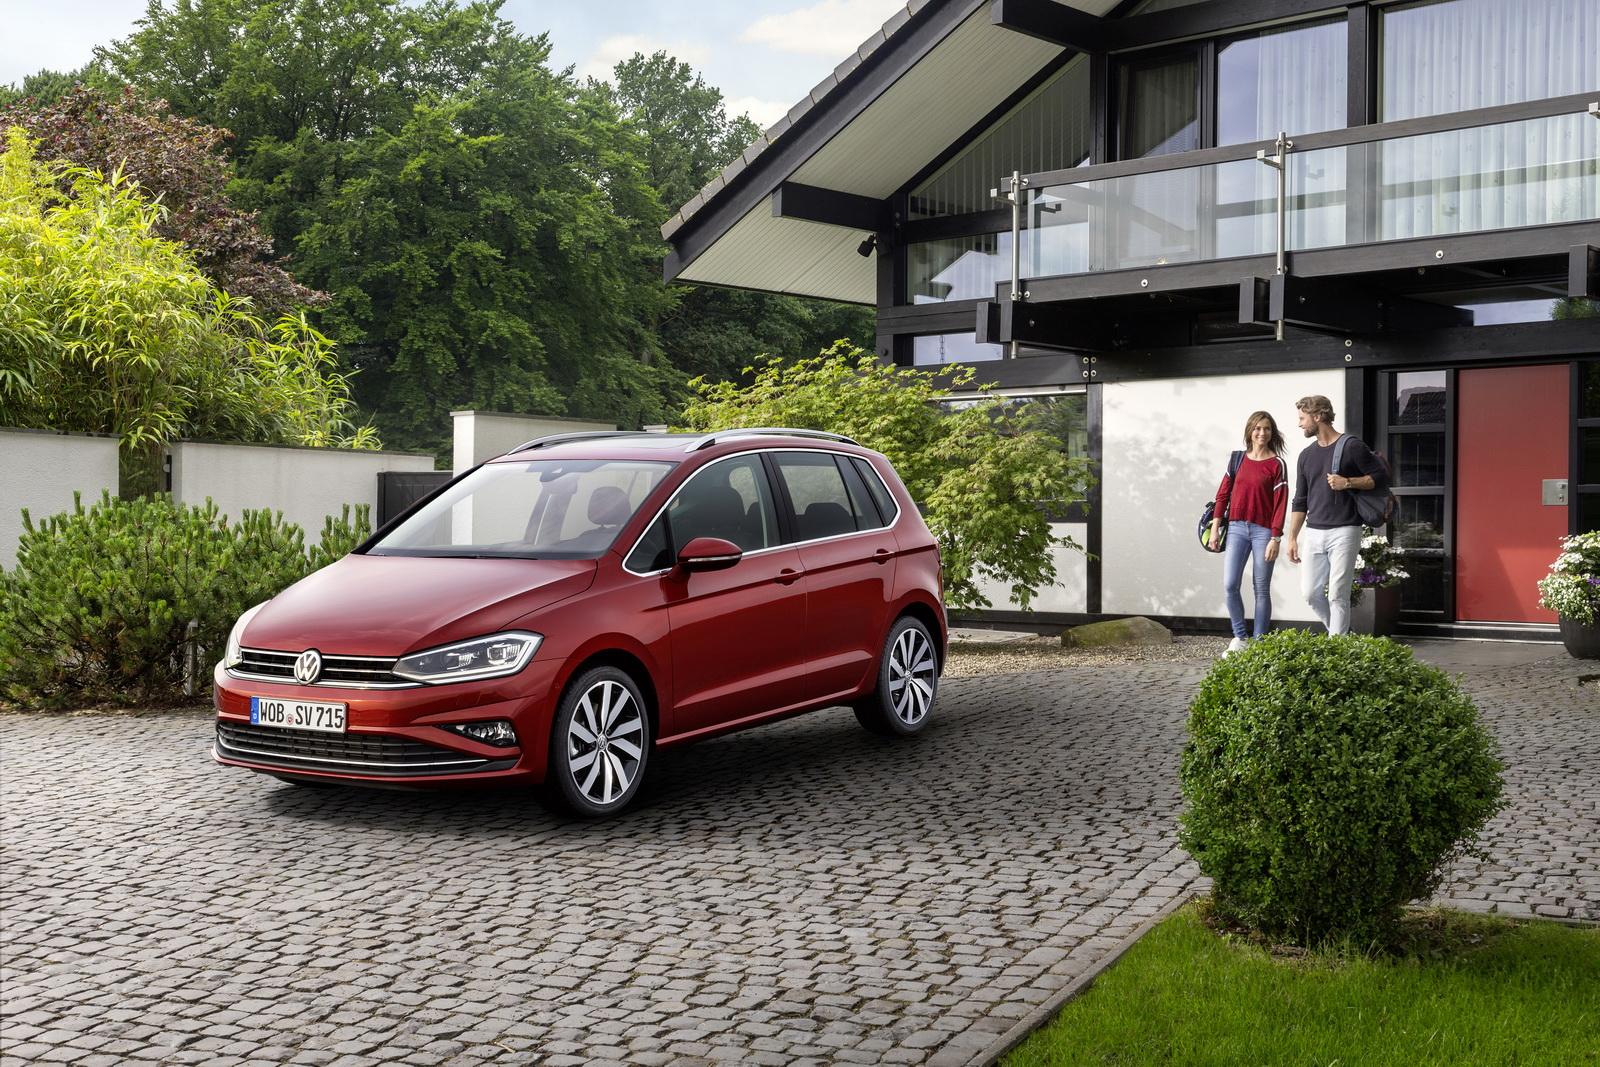 2018_Volkswagen_Golf_Sportsvan_facelift_04